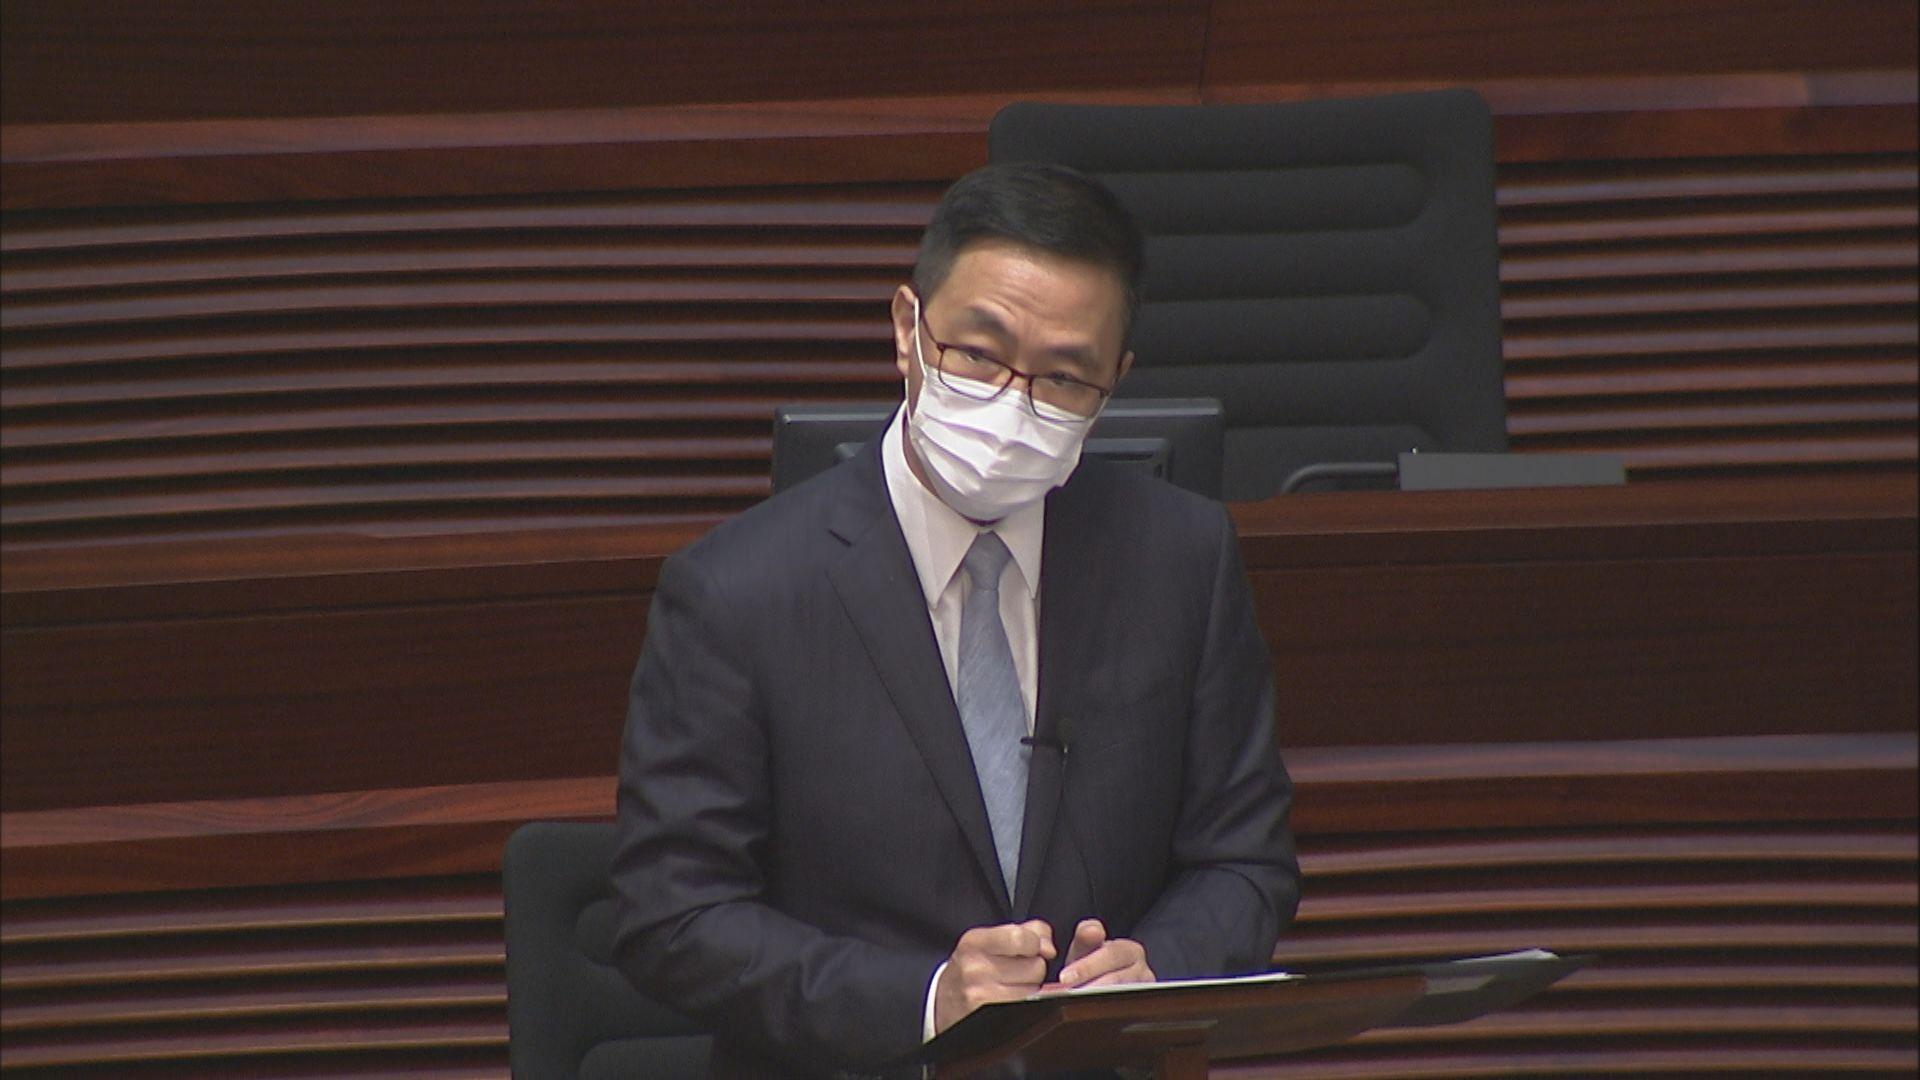 小學教師被取消註冊有教職員遭處分 楊潤雄否認是株連